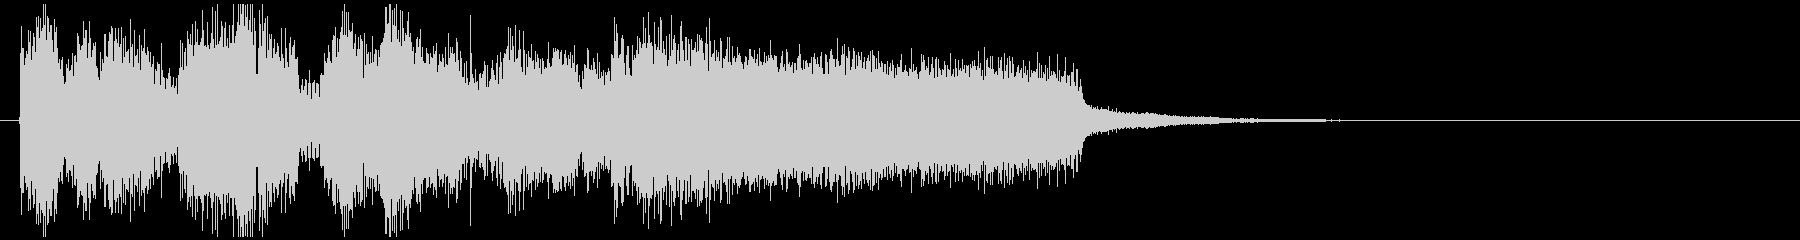 鋭いジャズサウンドロゴ、アイキャッチの未再生の波形